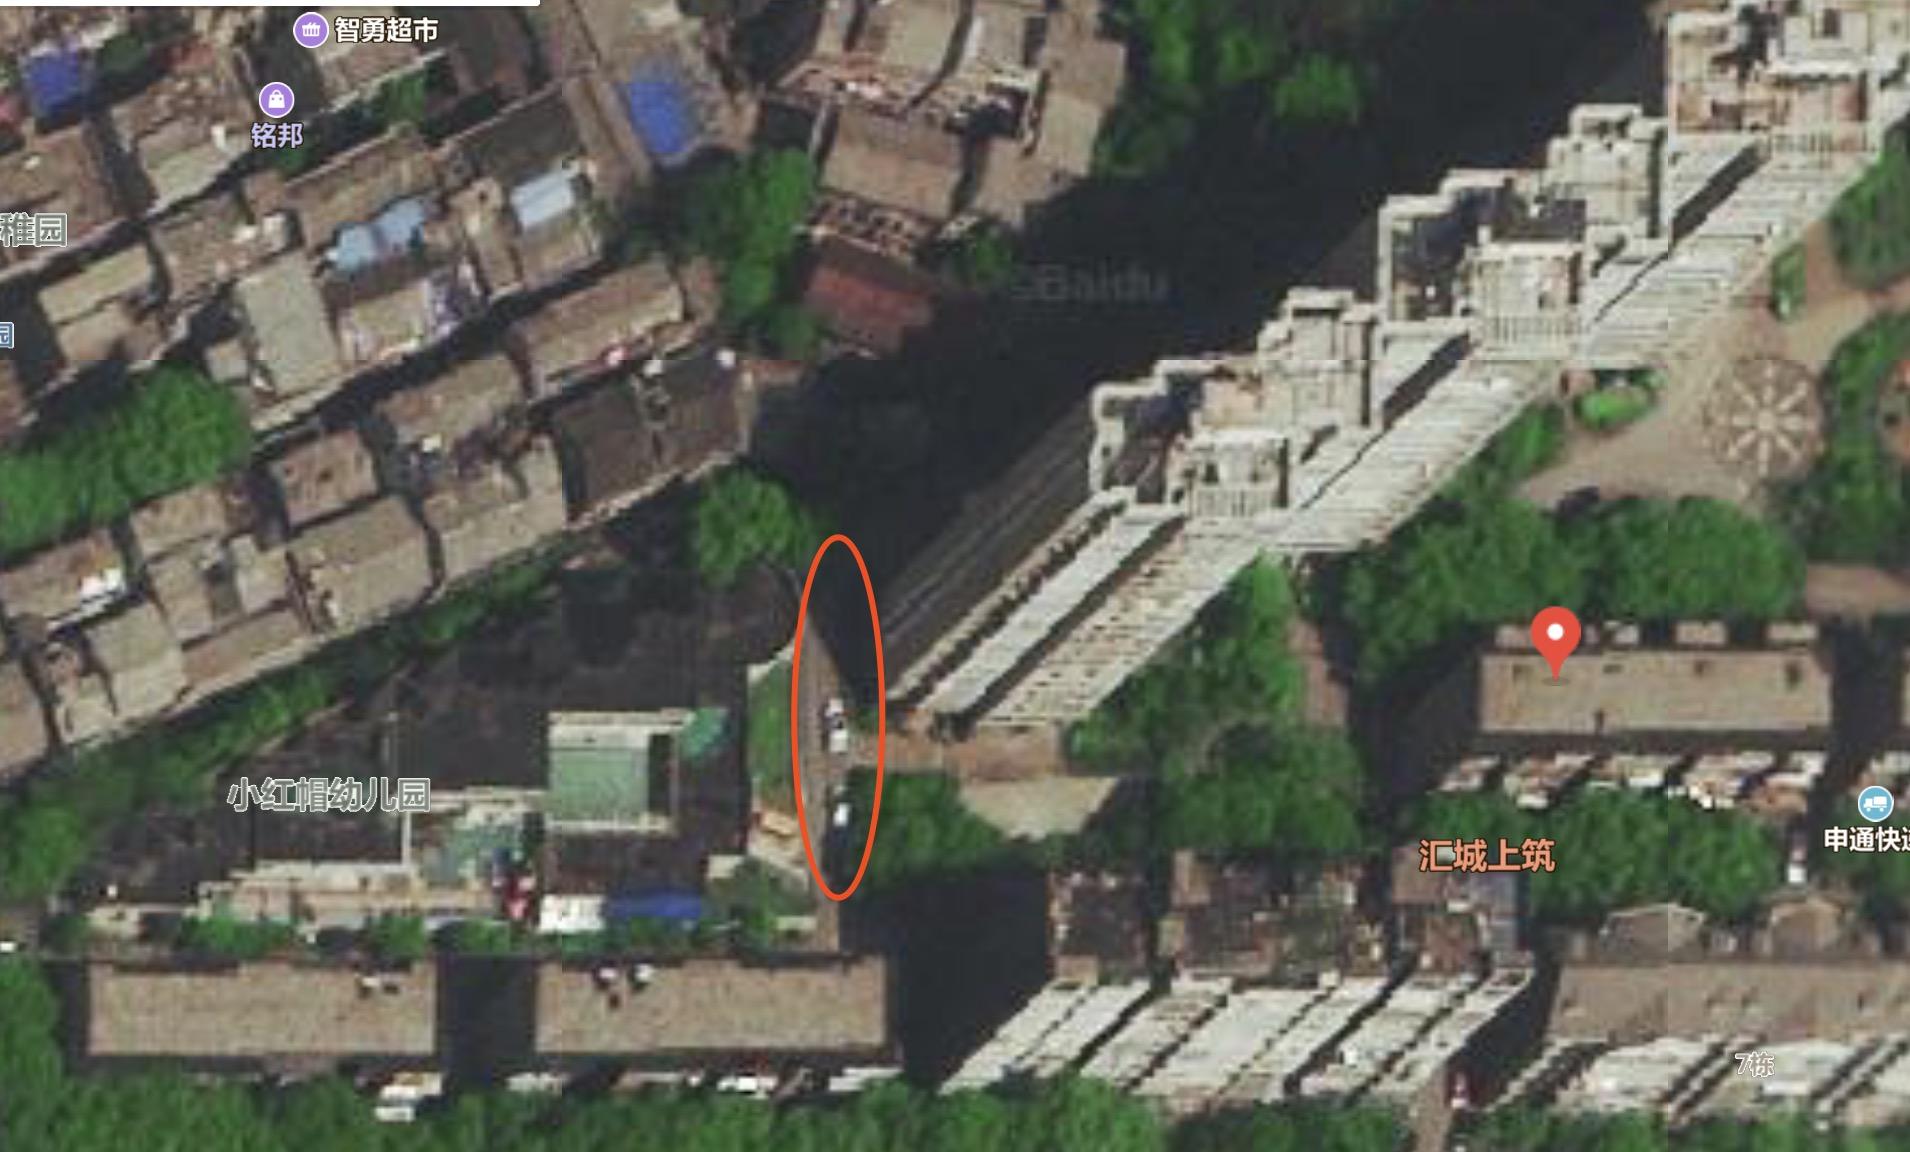 经林波指认,红圈处即林棋遇害的大致位置。 新京报记者 王瑞文 截图